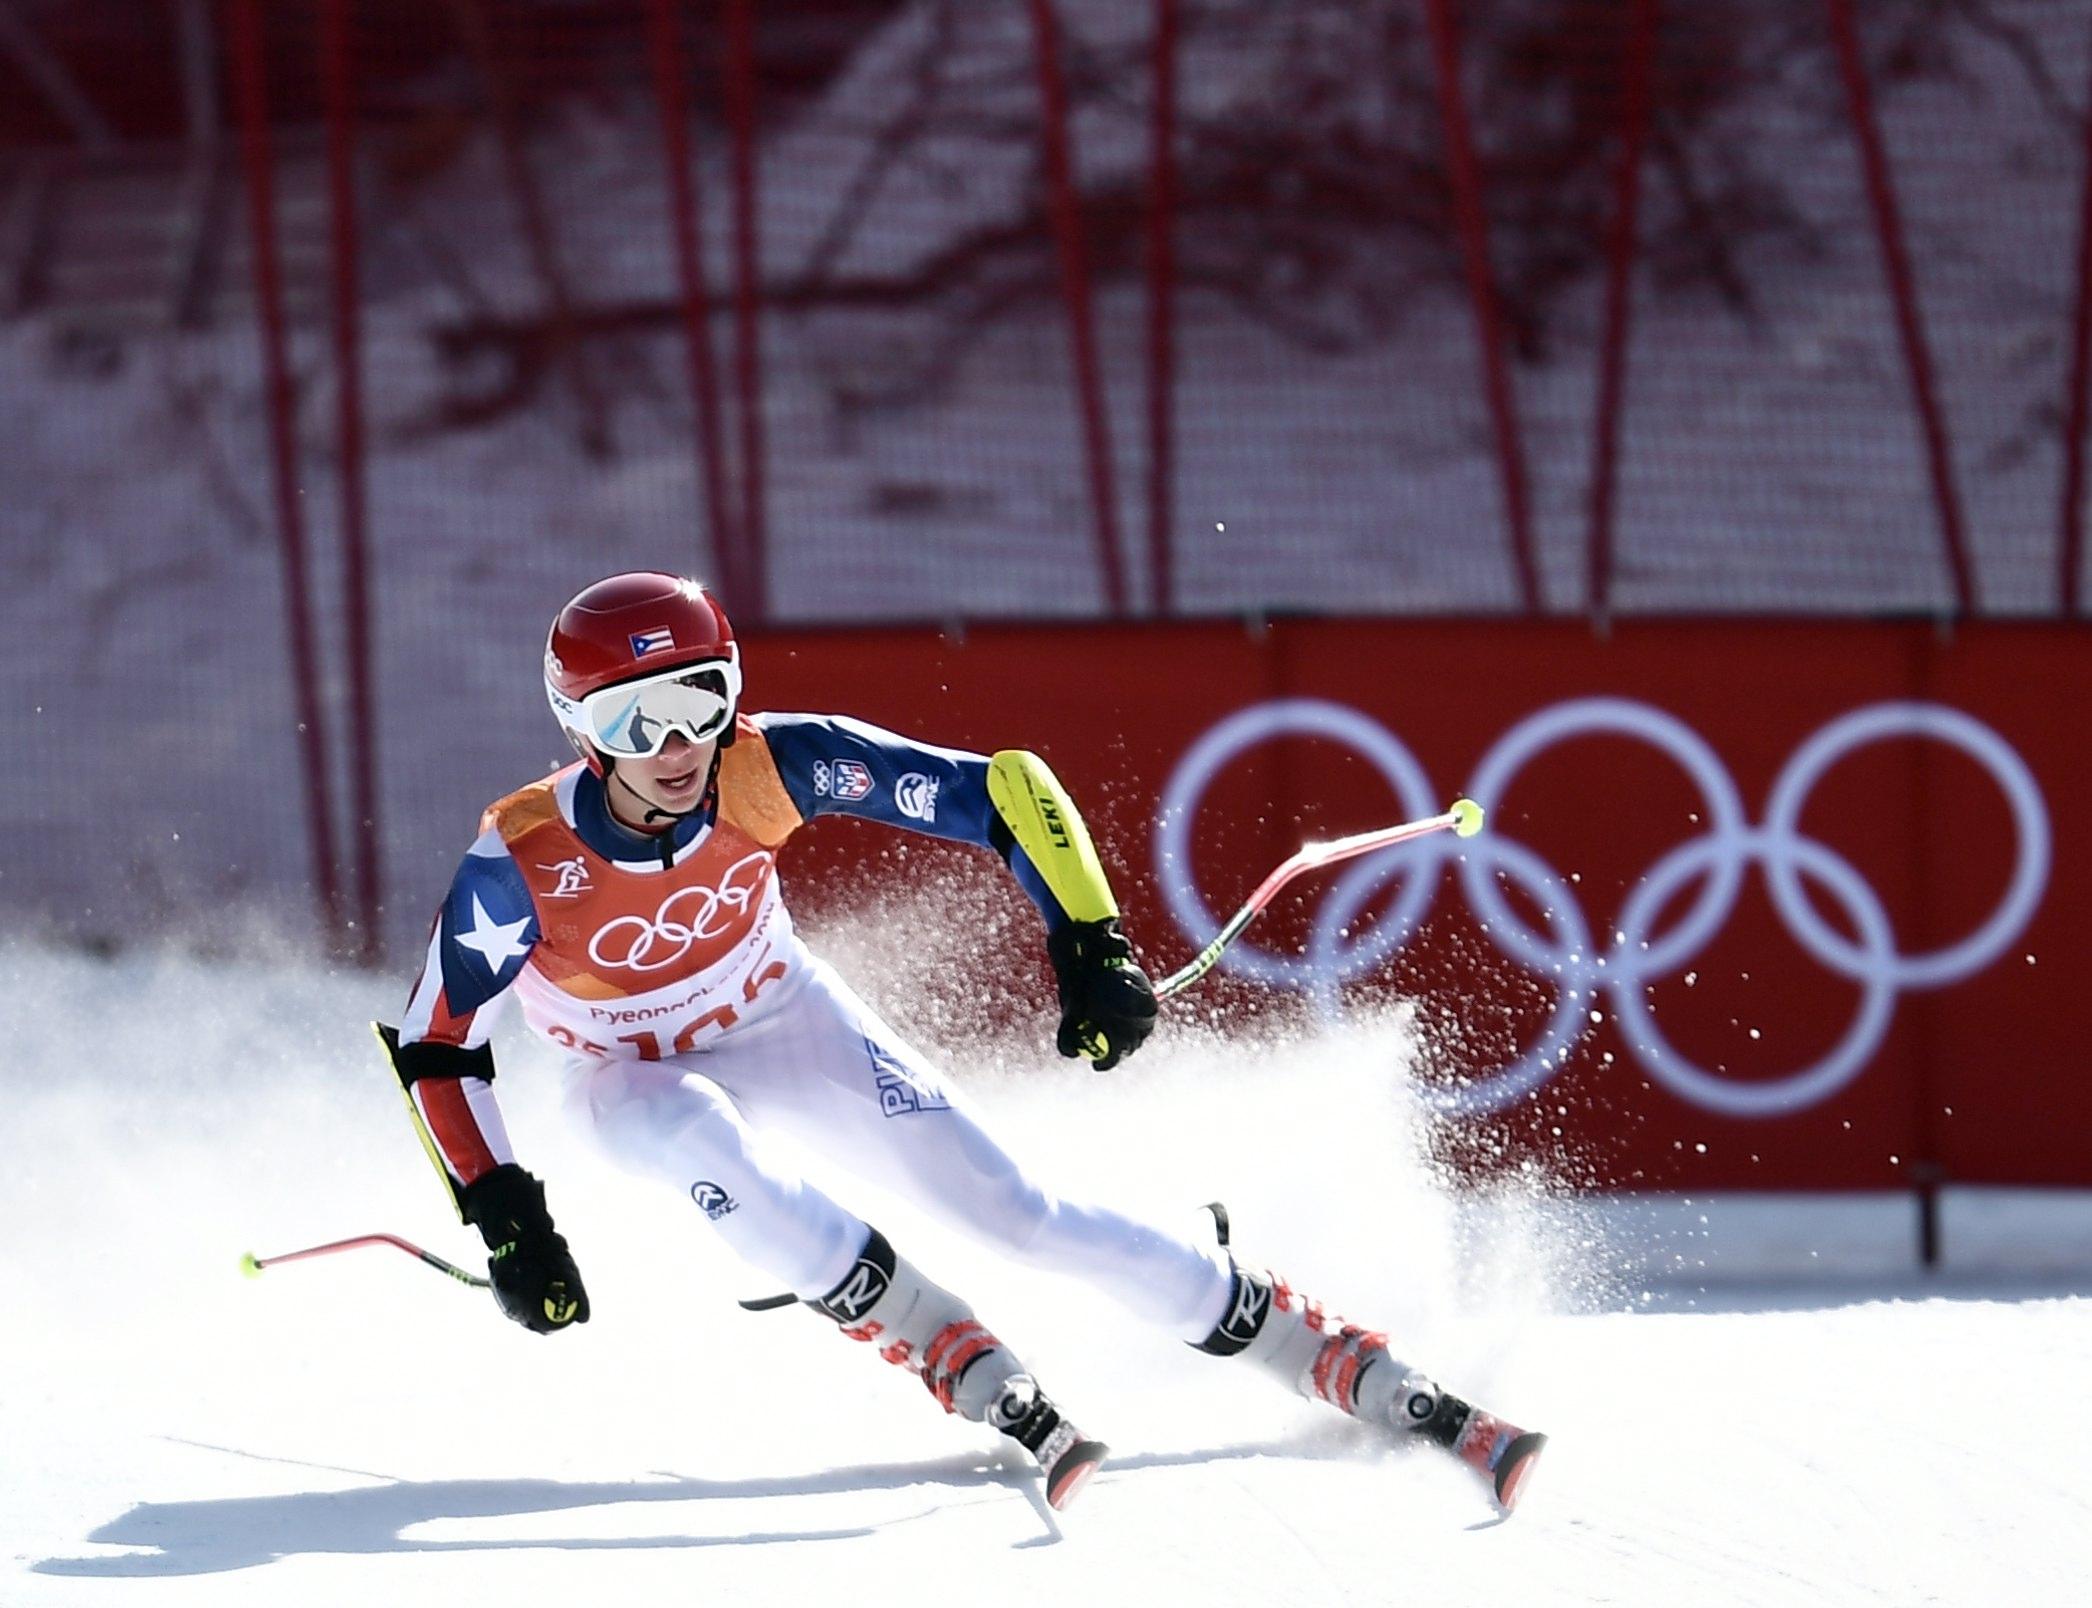 El esquiador puertorriqueño Charles Flaherty, en los Juegos Olímpicos de Invierno de PyeongChang 2018./ EFE